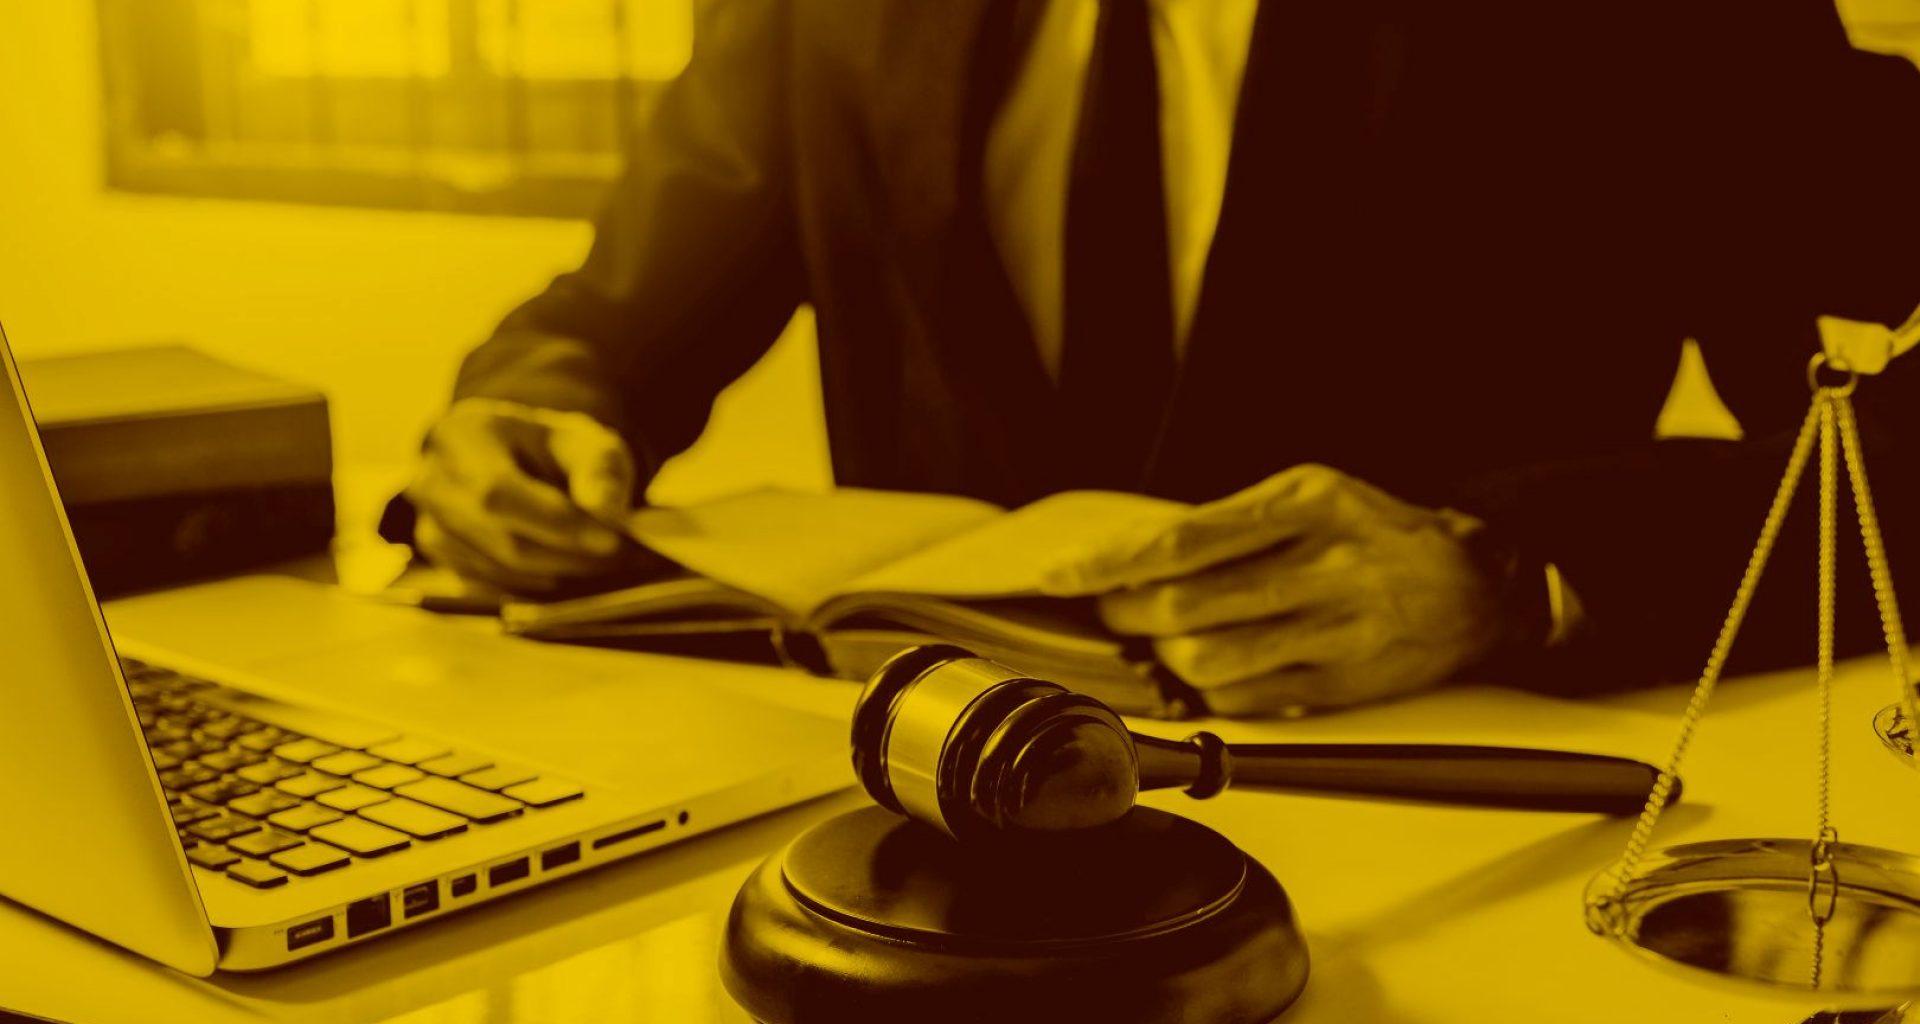 Anwalt arbeitet am Macbook mit Anwaltssoftware und liest ein Gesetzbuch